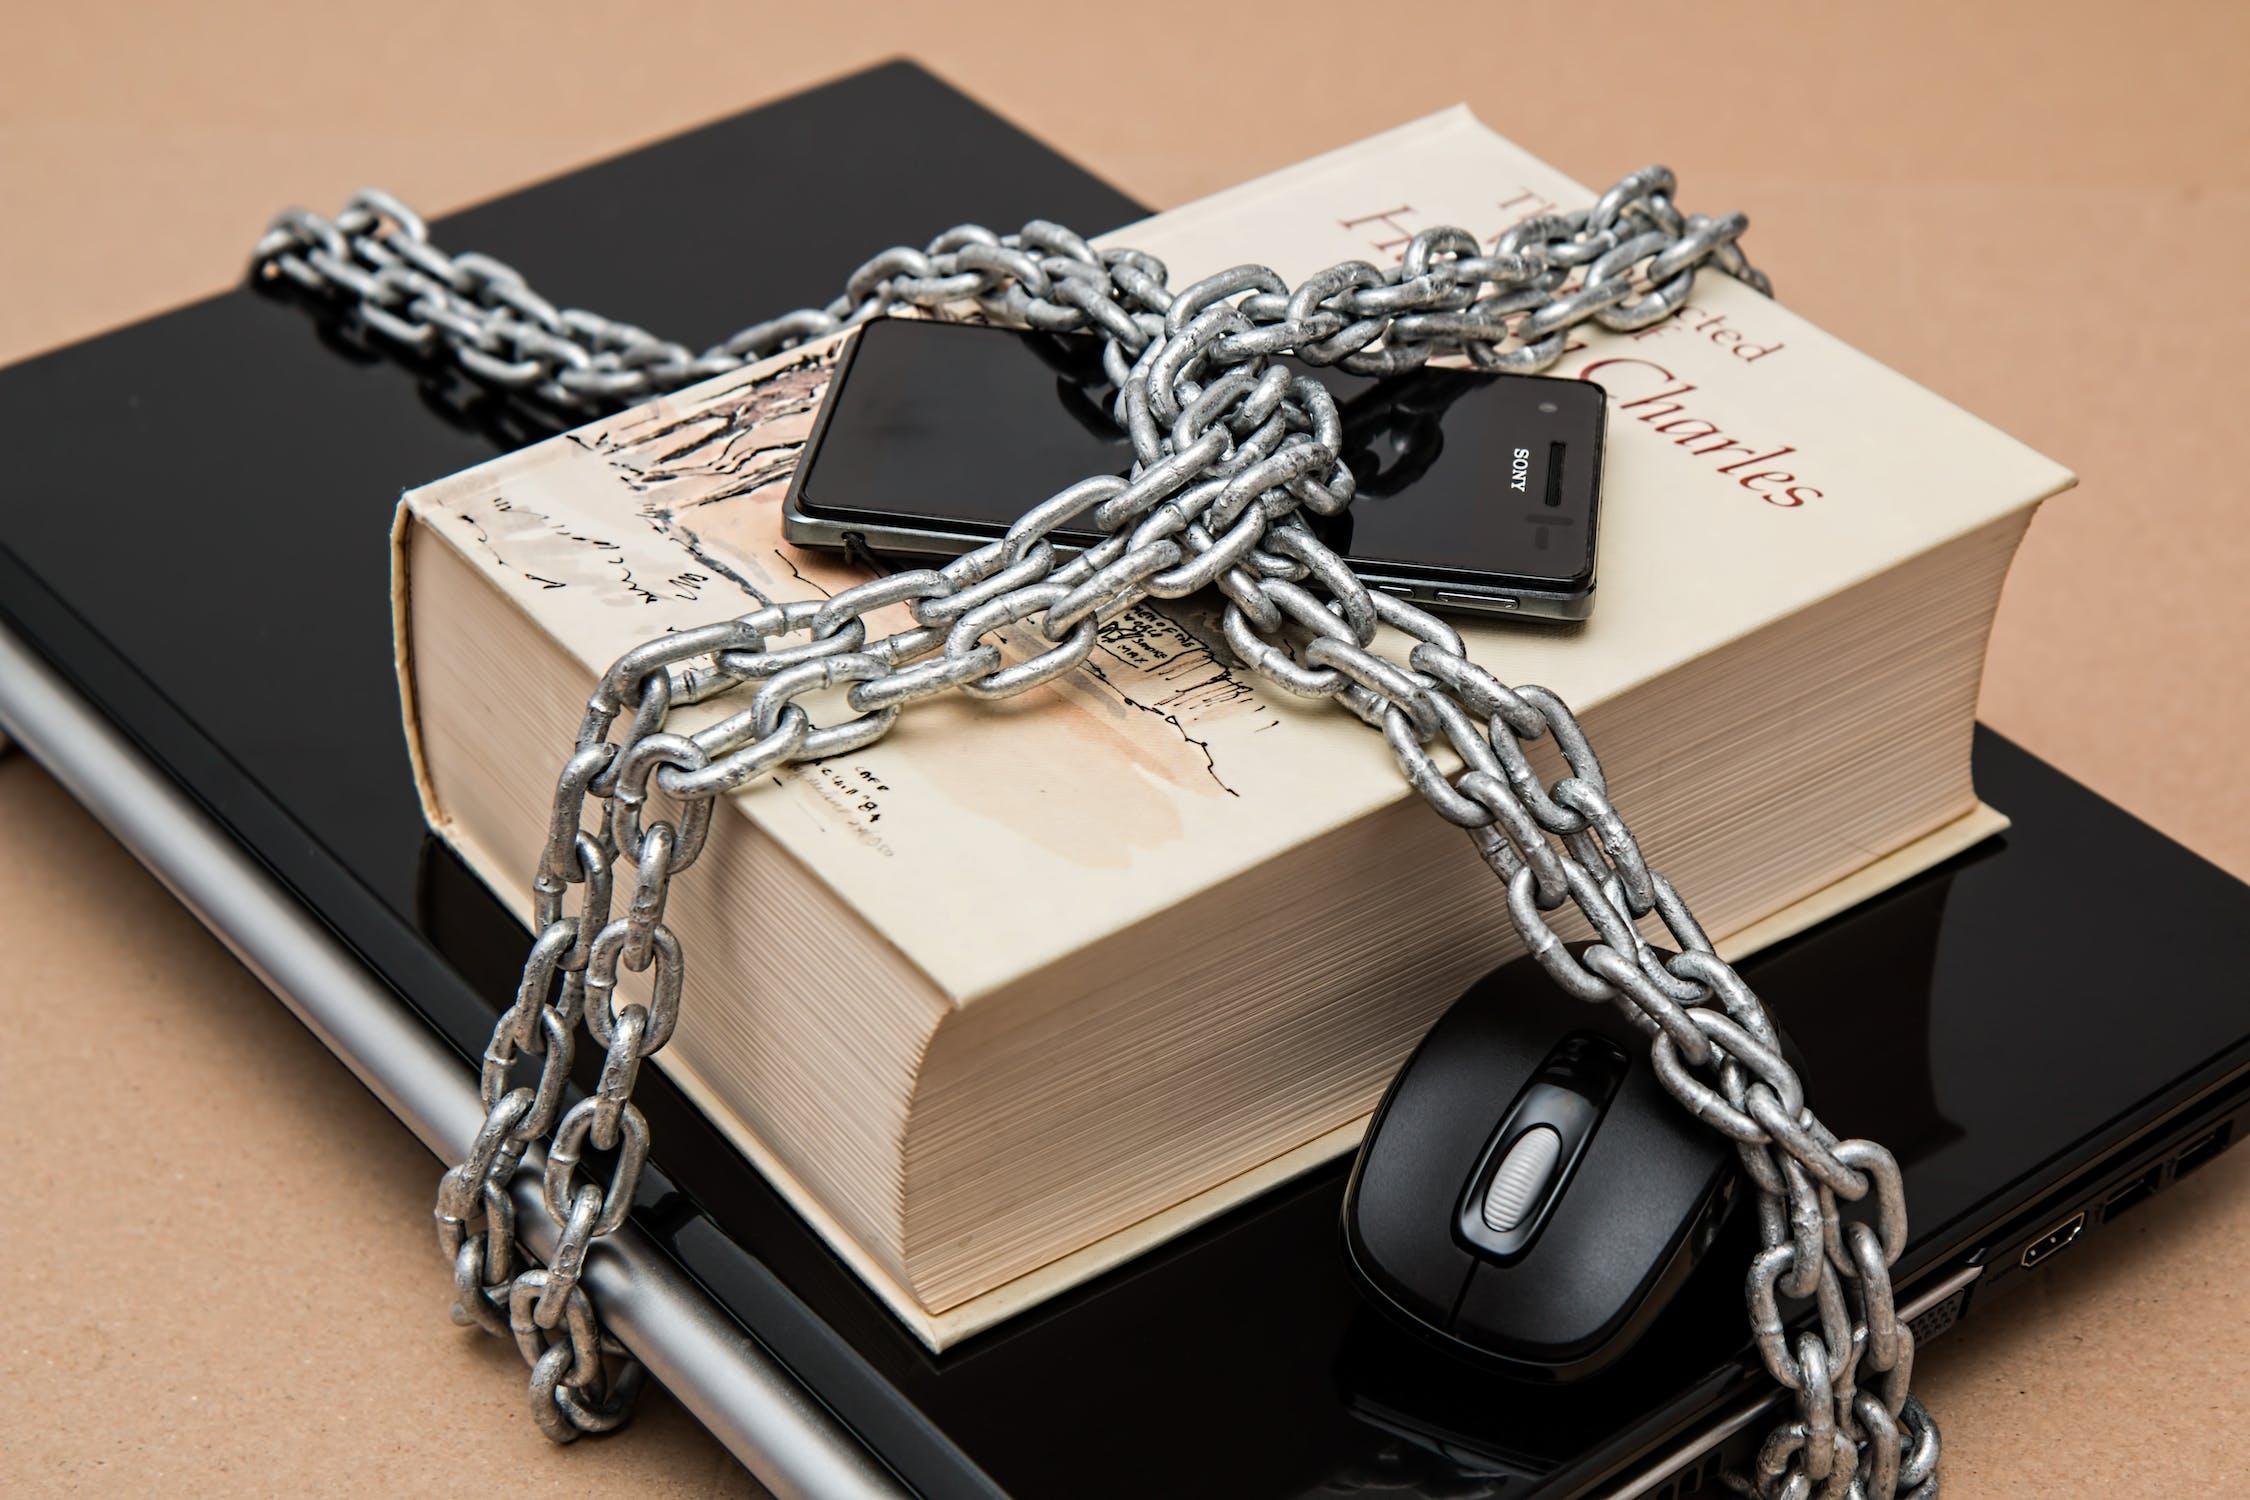 Malé půjčky bez registru online ihned na účet